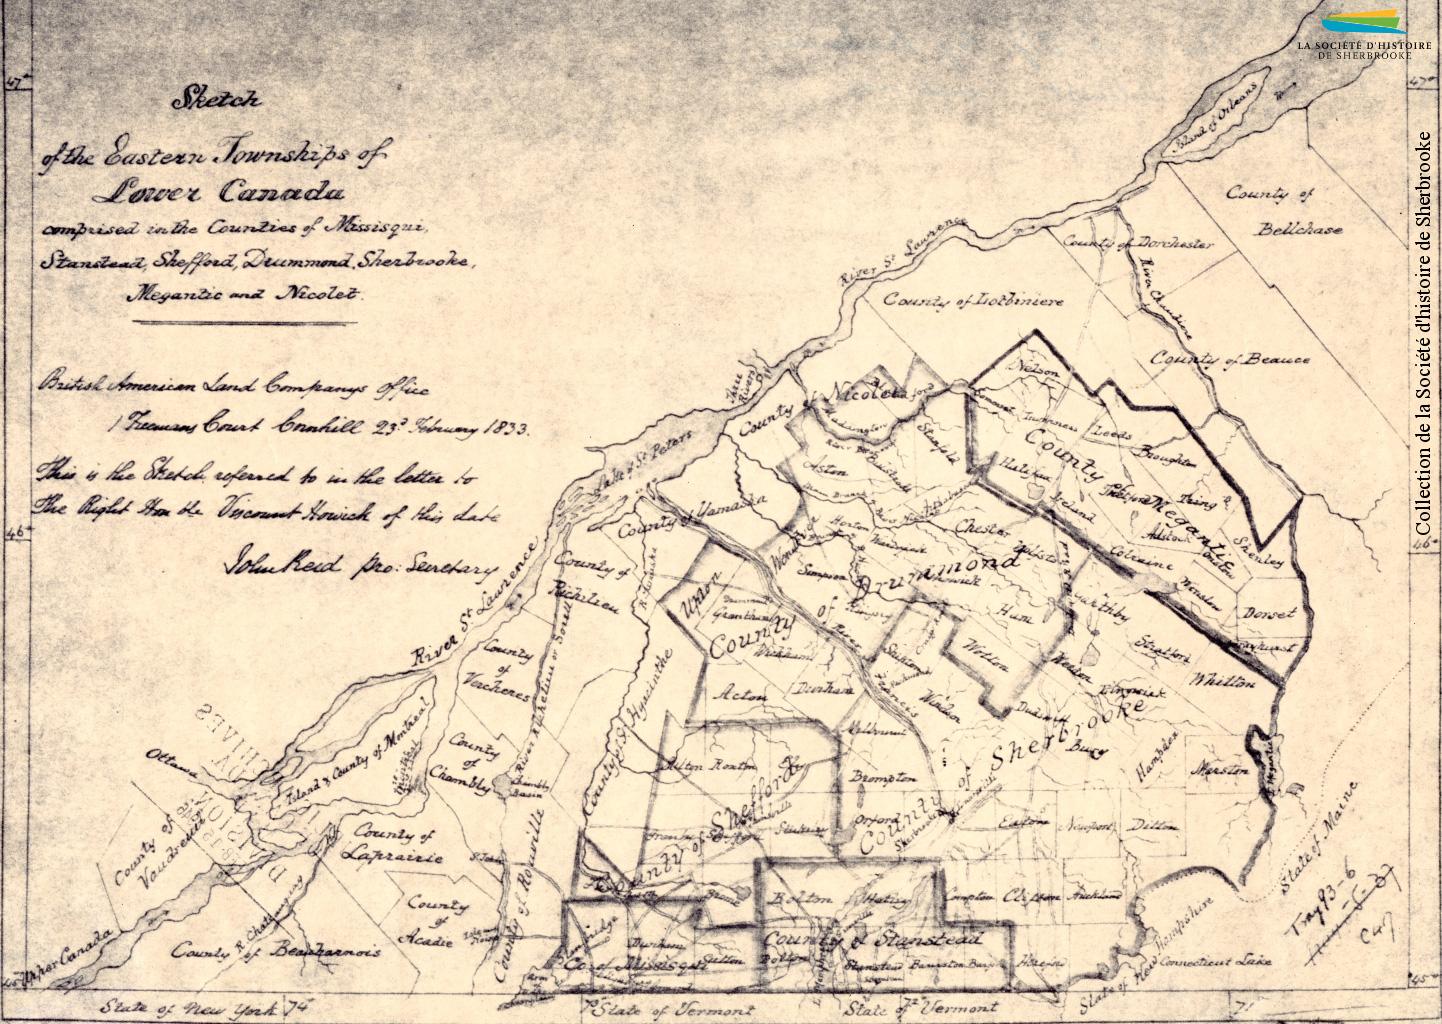 Un dessin des Cantons-de-l'Est et de ses différents comtés, produit par la BALCo en 1833. À gauche et en haut on voit le fleuve Saint-Laurent, et les comtés limitrophes des Cantons-de-l'Est.